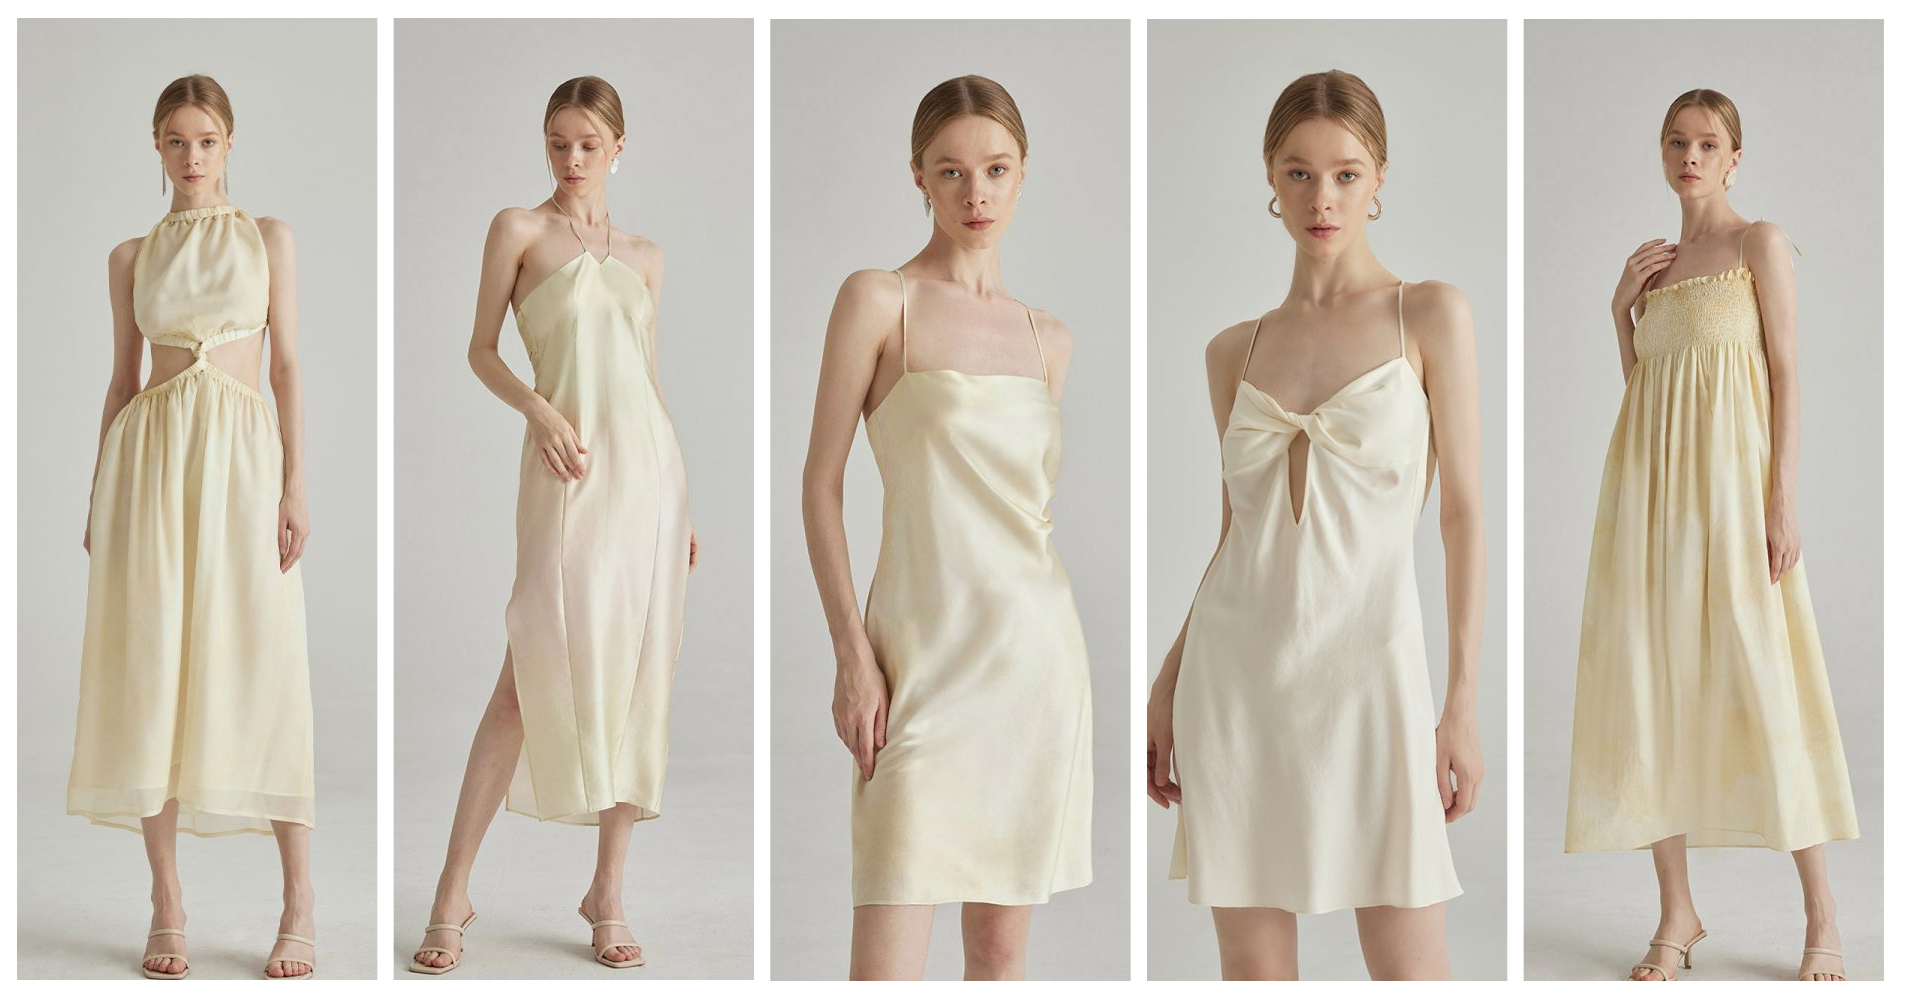 Silk Maison Daywear, nightwear